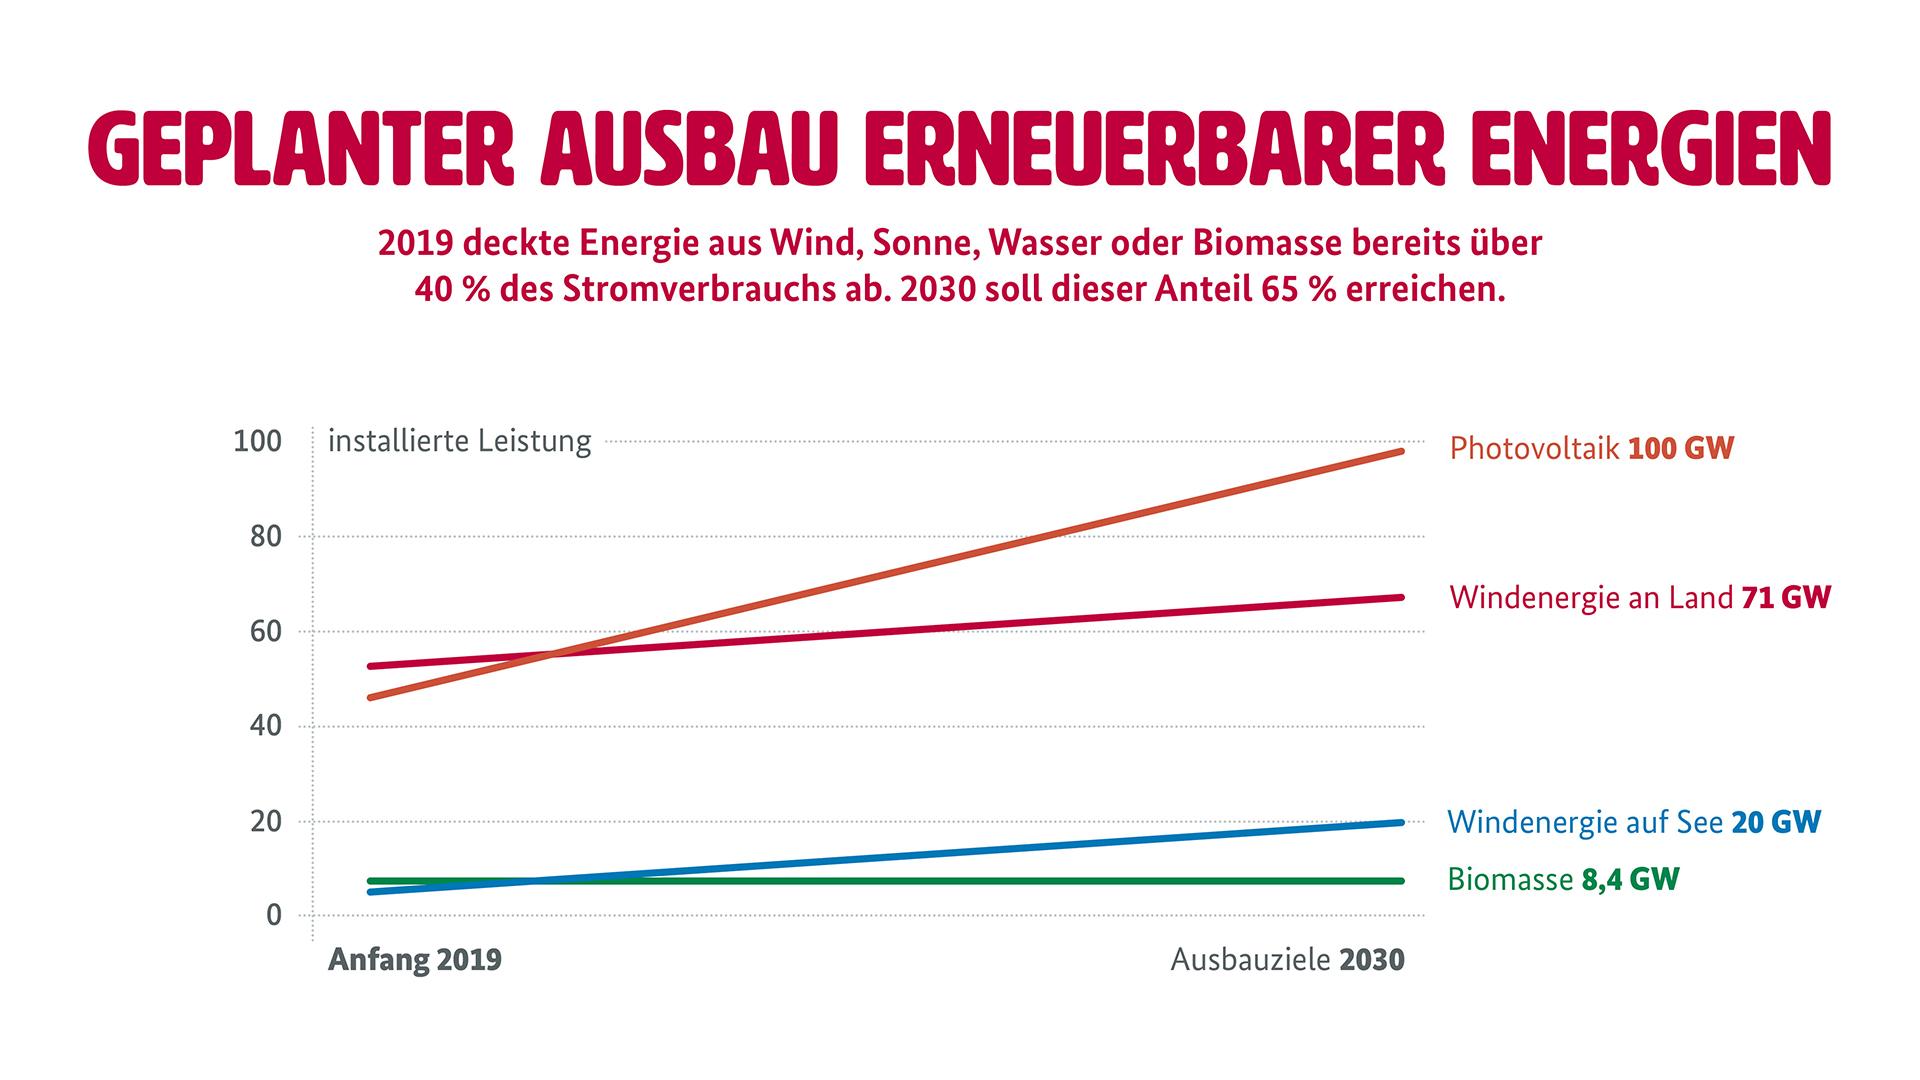 """Grafik zum Ausbau erneuerbarer Energieträger (Weitere Beschreibung unterhalb des Bildes ausklappbar als """"ausführliche Beschreibung"""")"""